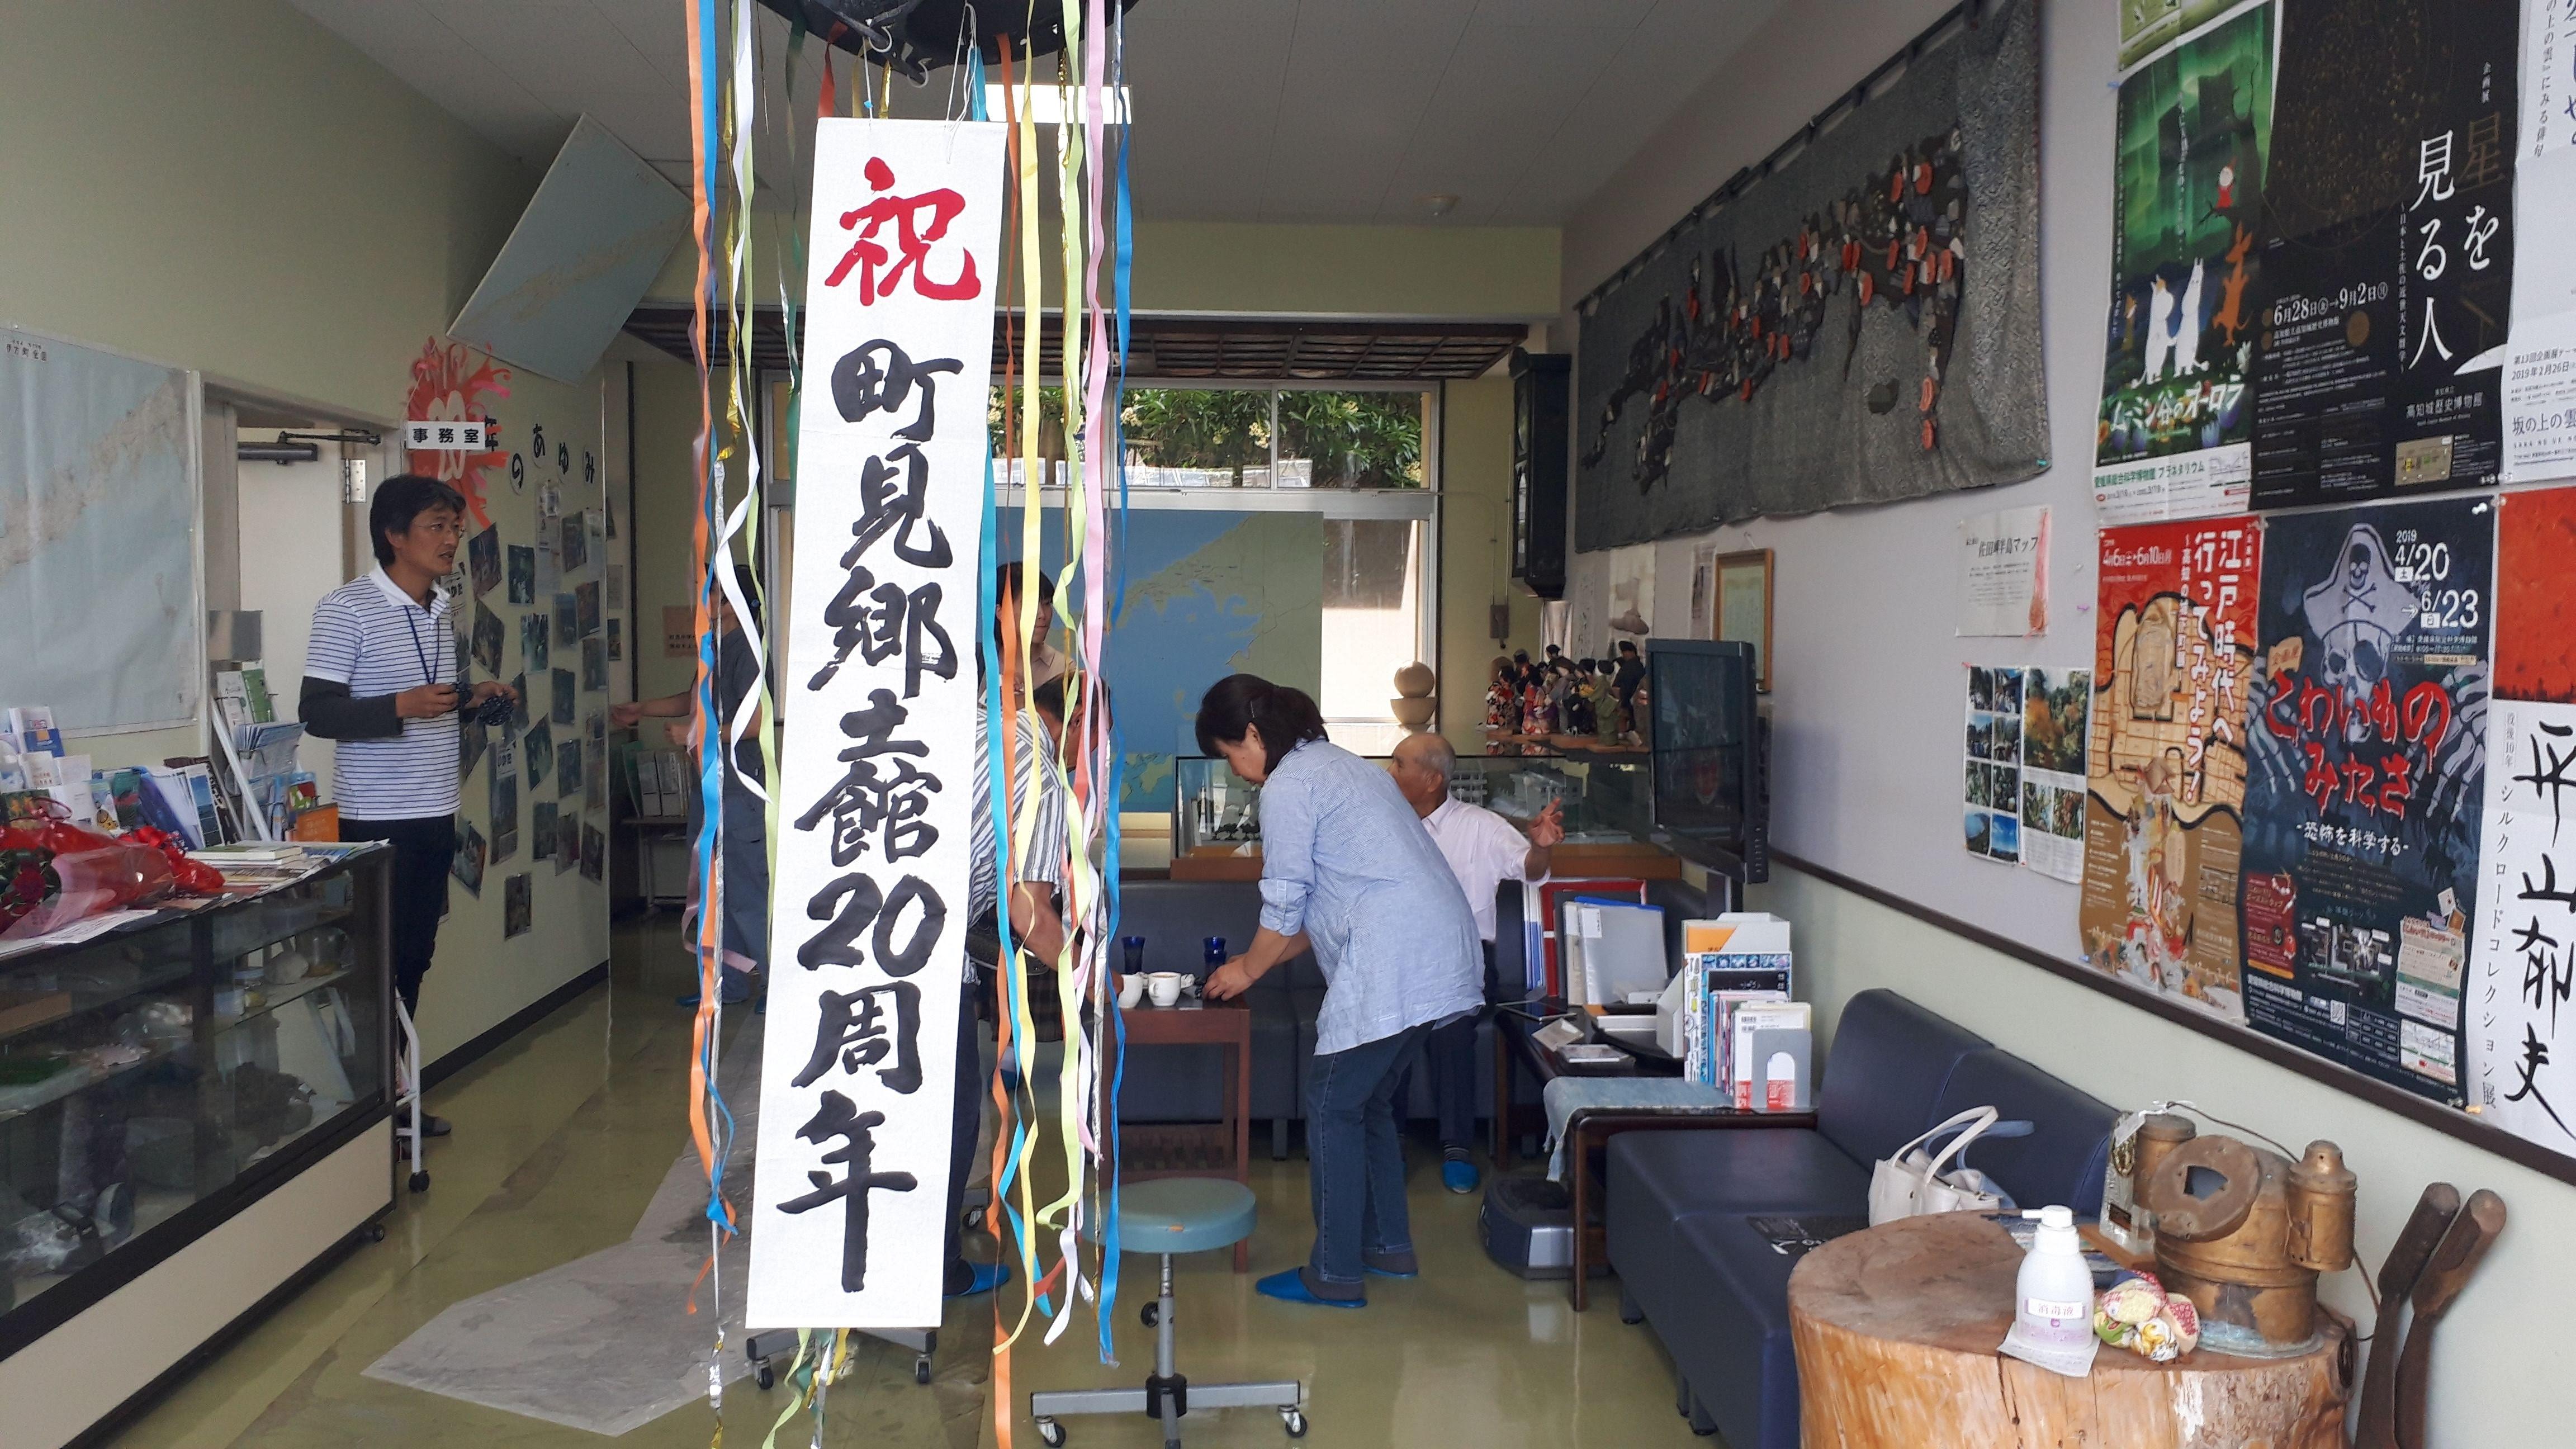 佐田岬半島の歴史が知れる!伊方町唯一の博物館「町見郷土館」の 20周年記念イベントに行ってきました!